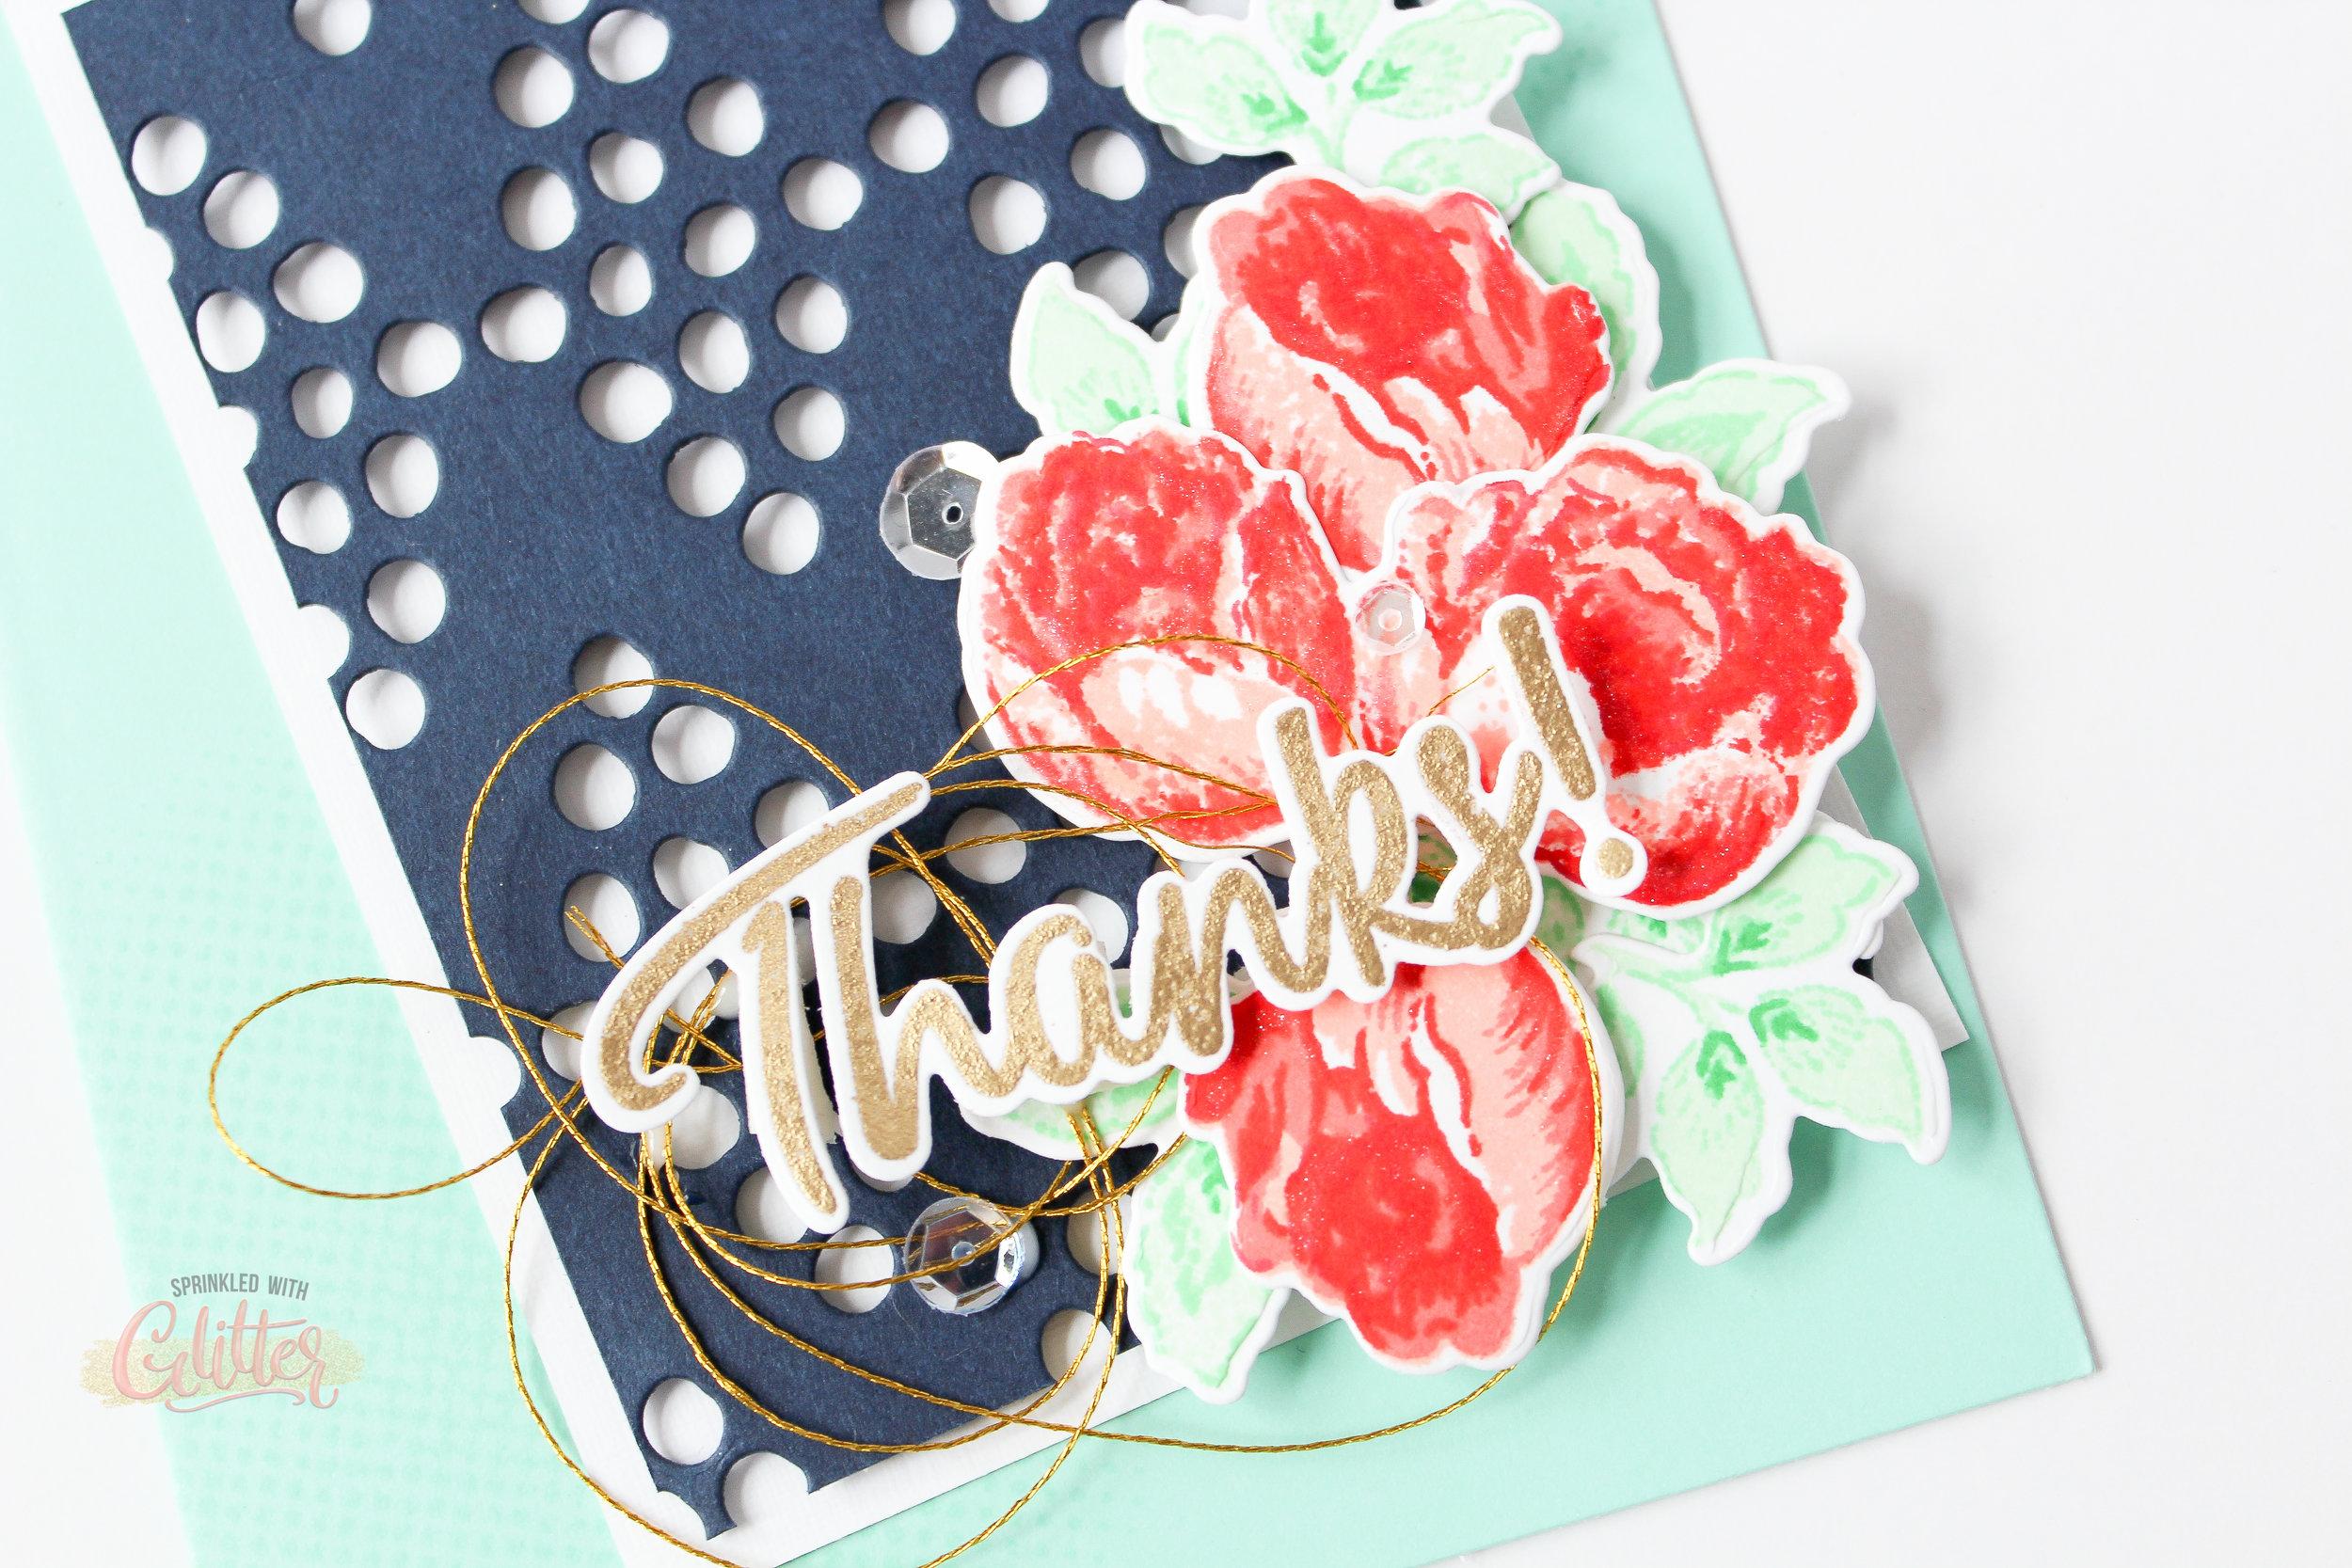 Altenew-Sweet Rose-Carissa Wiley WM-108.jpg